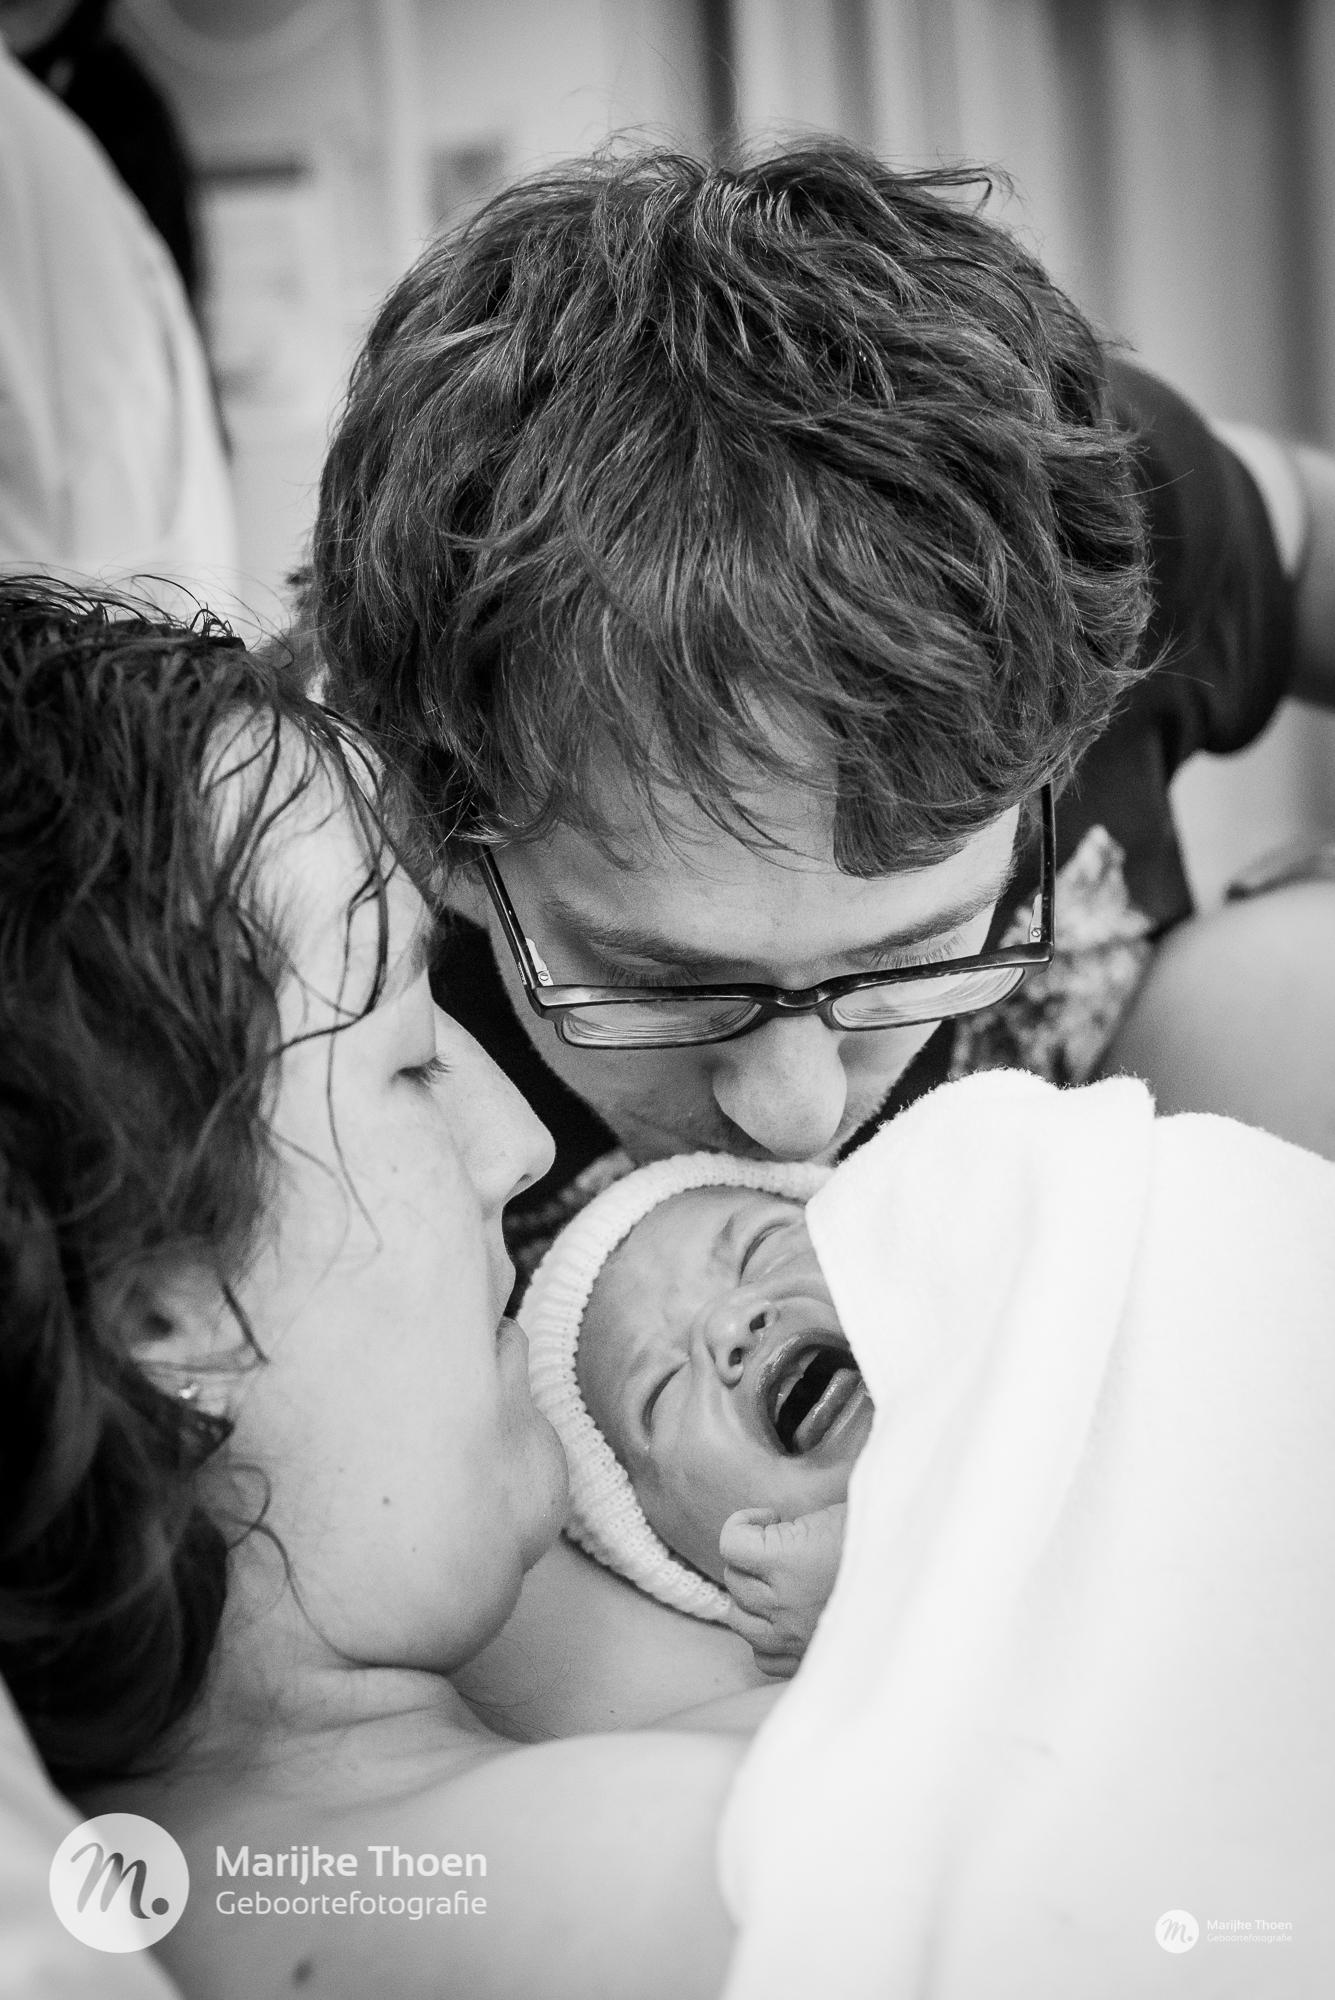 geboortefotograafie marijke thoen vlaanderen -19